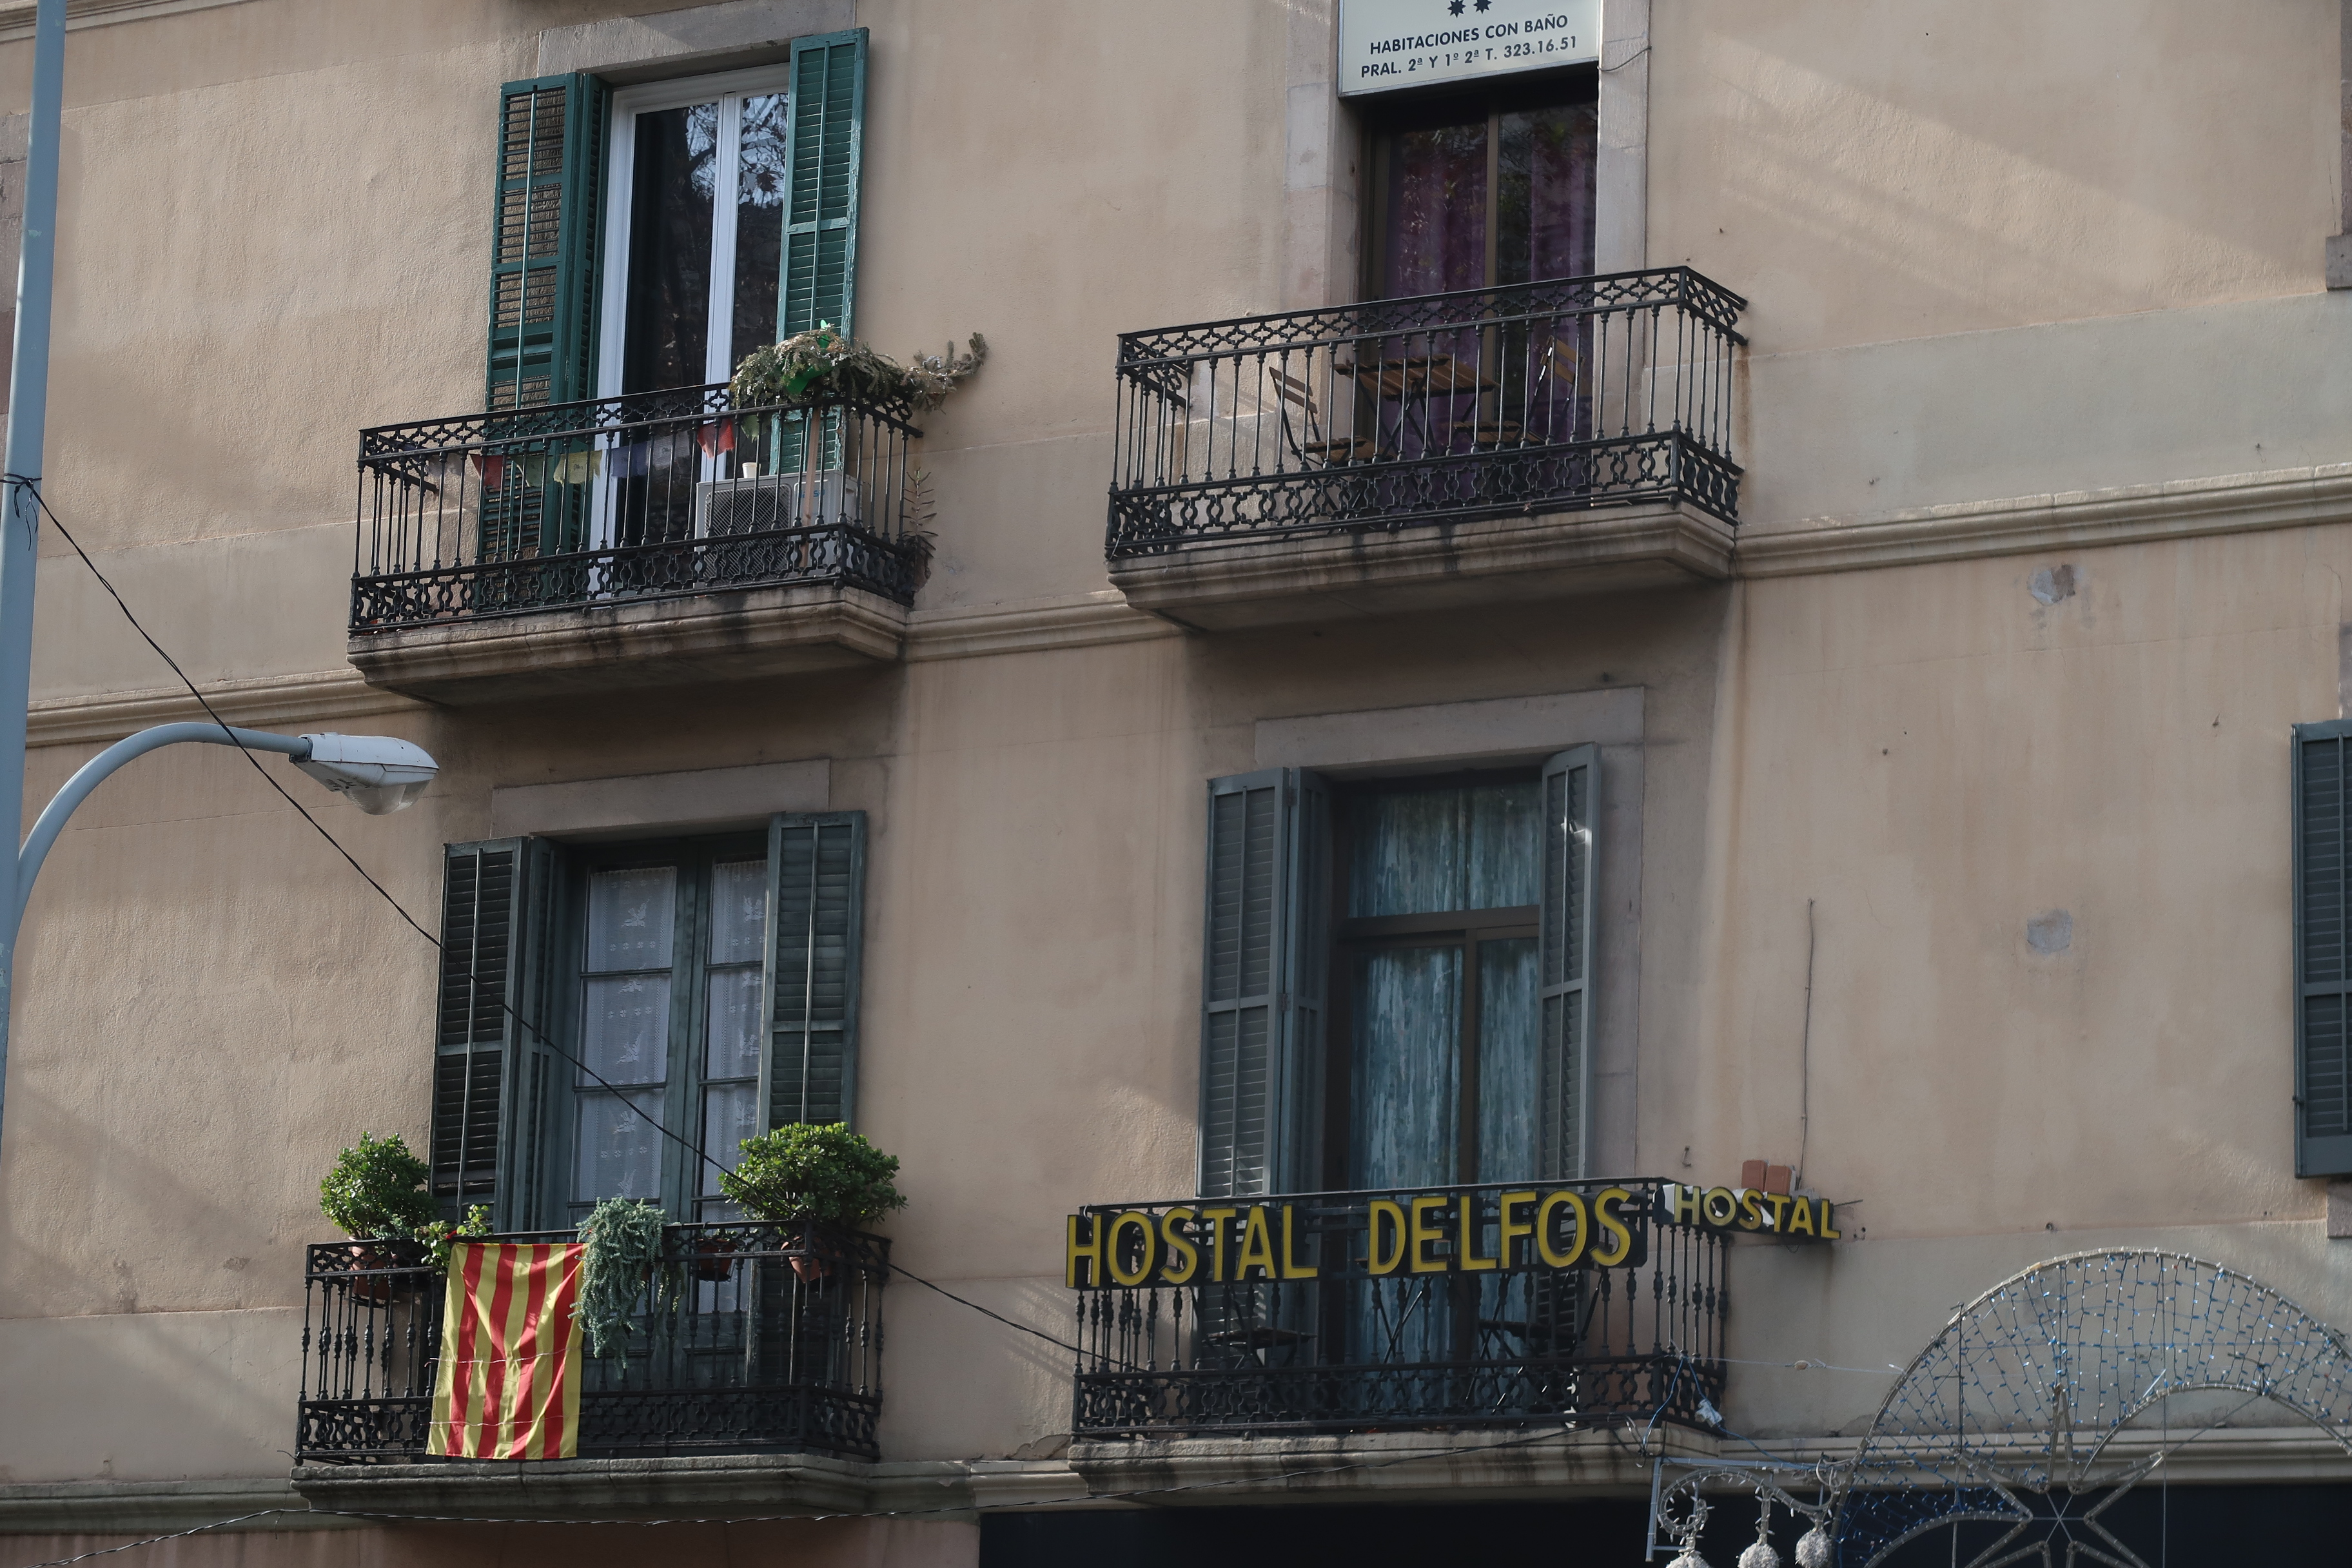 Hostal Delfos, Ronda de San Antoni, Barcelona